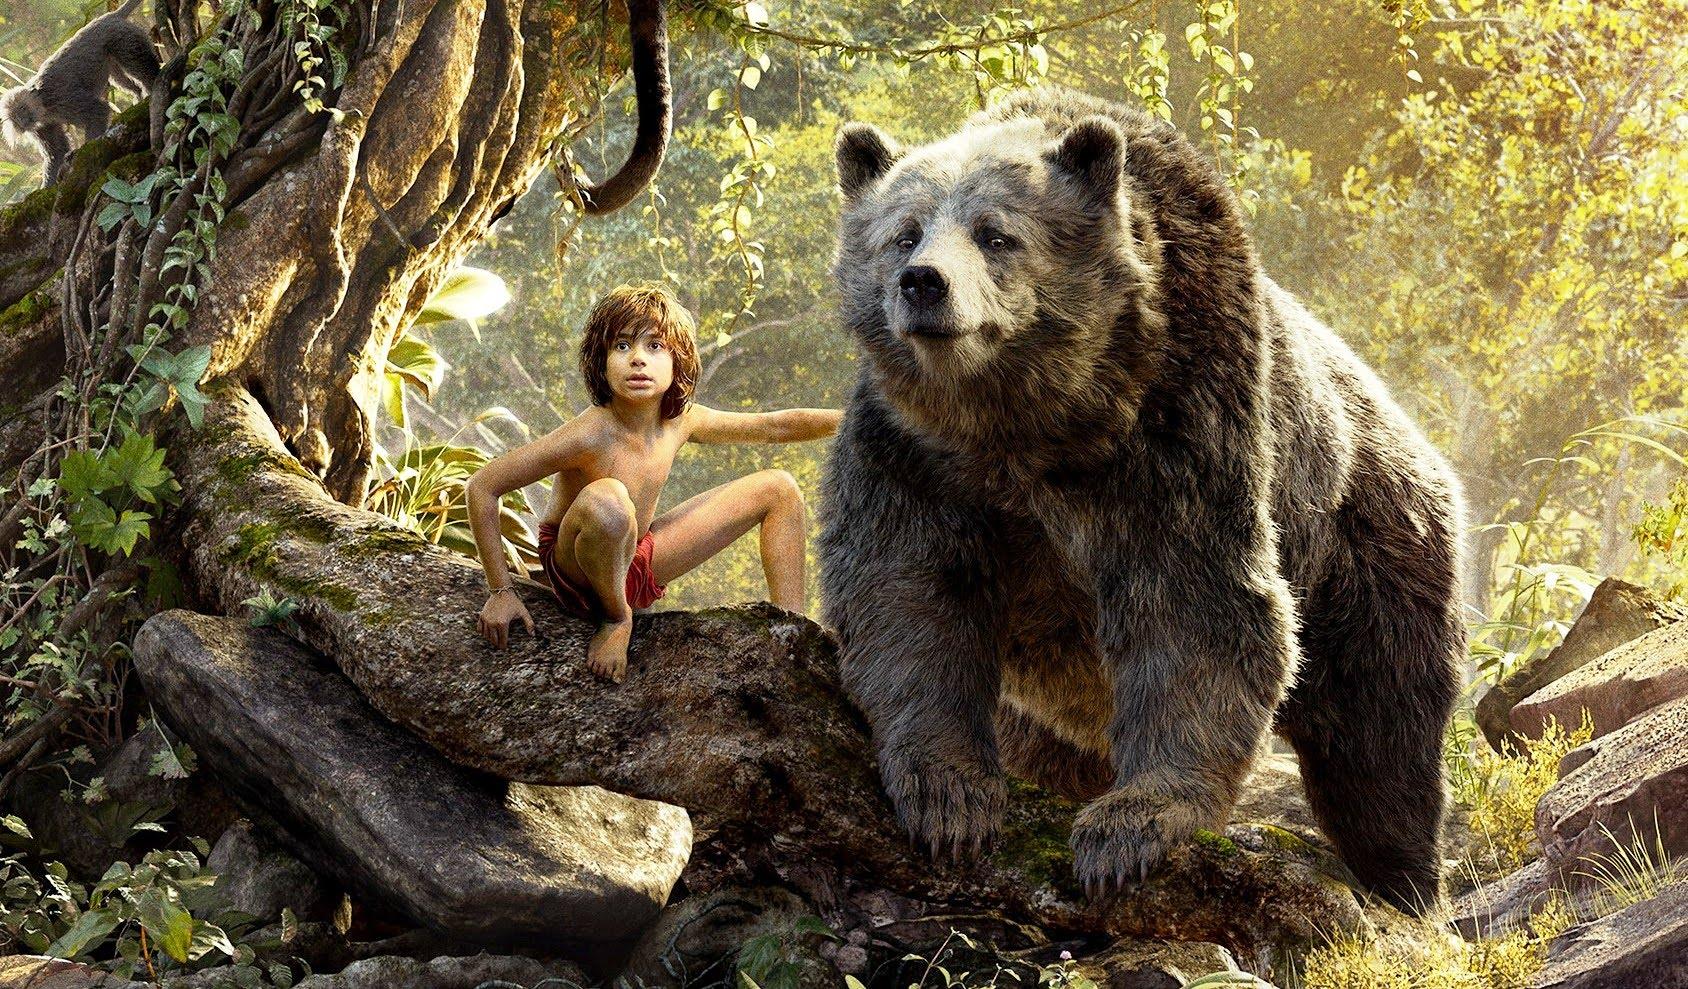 Mogli e Baloo